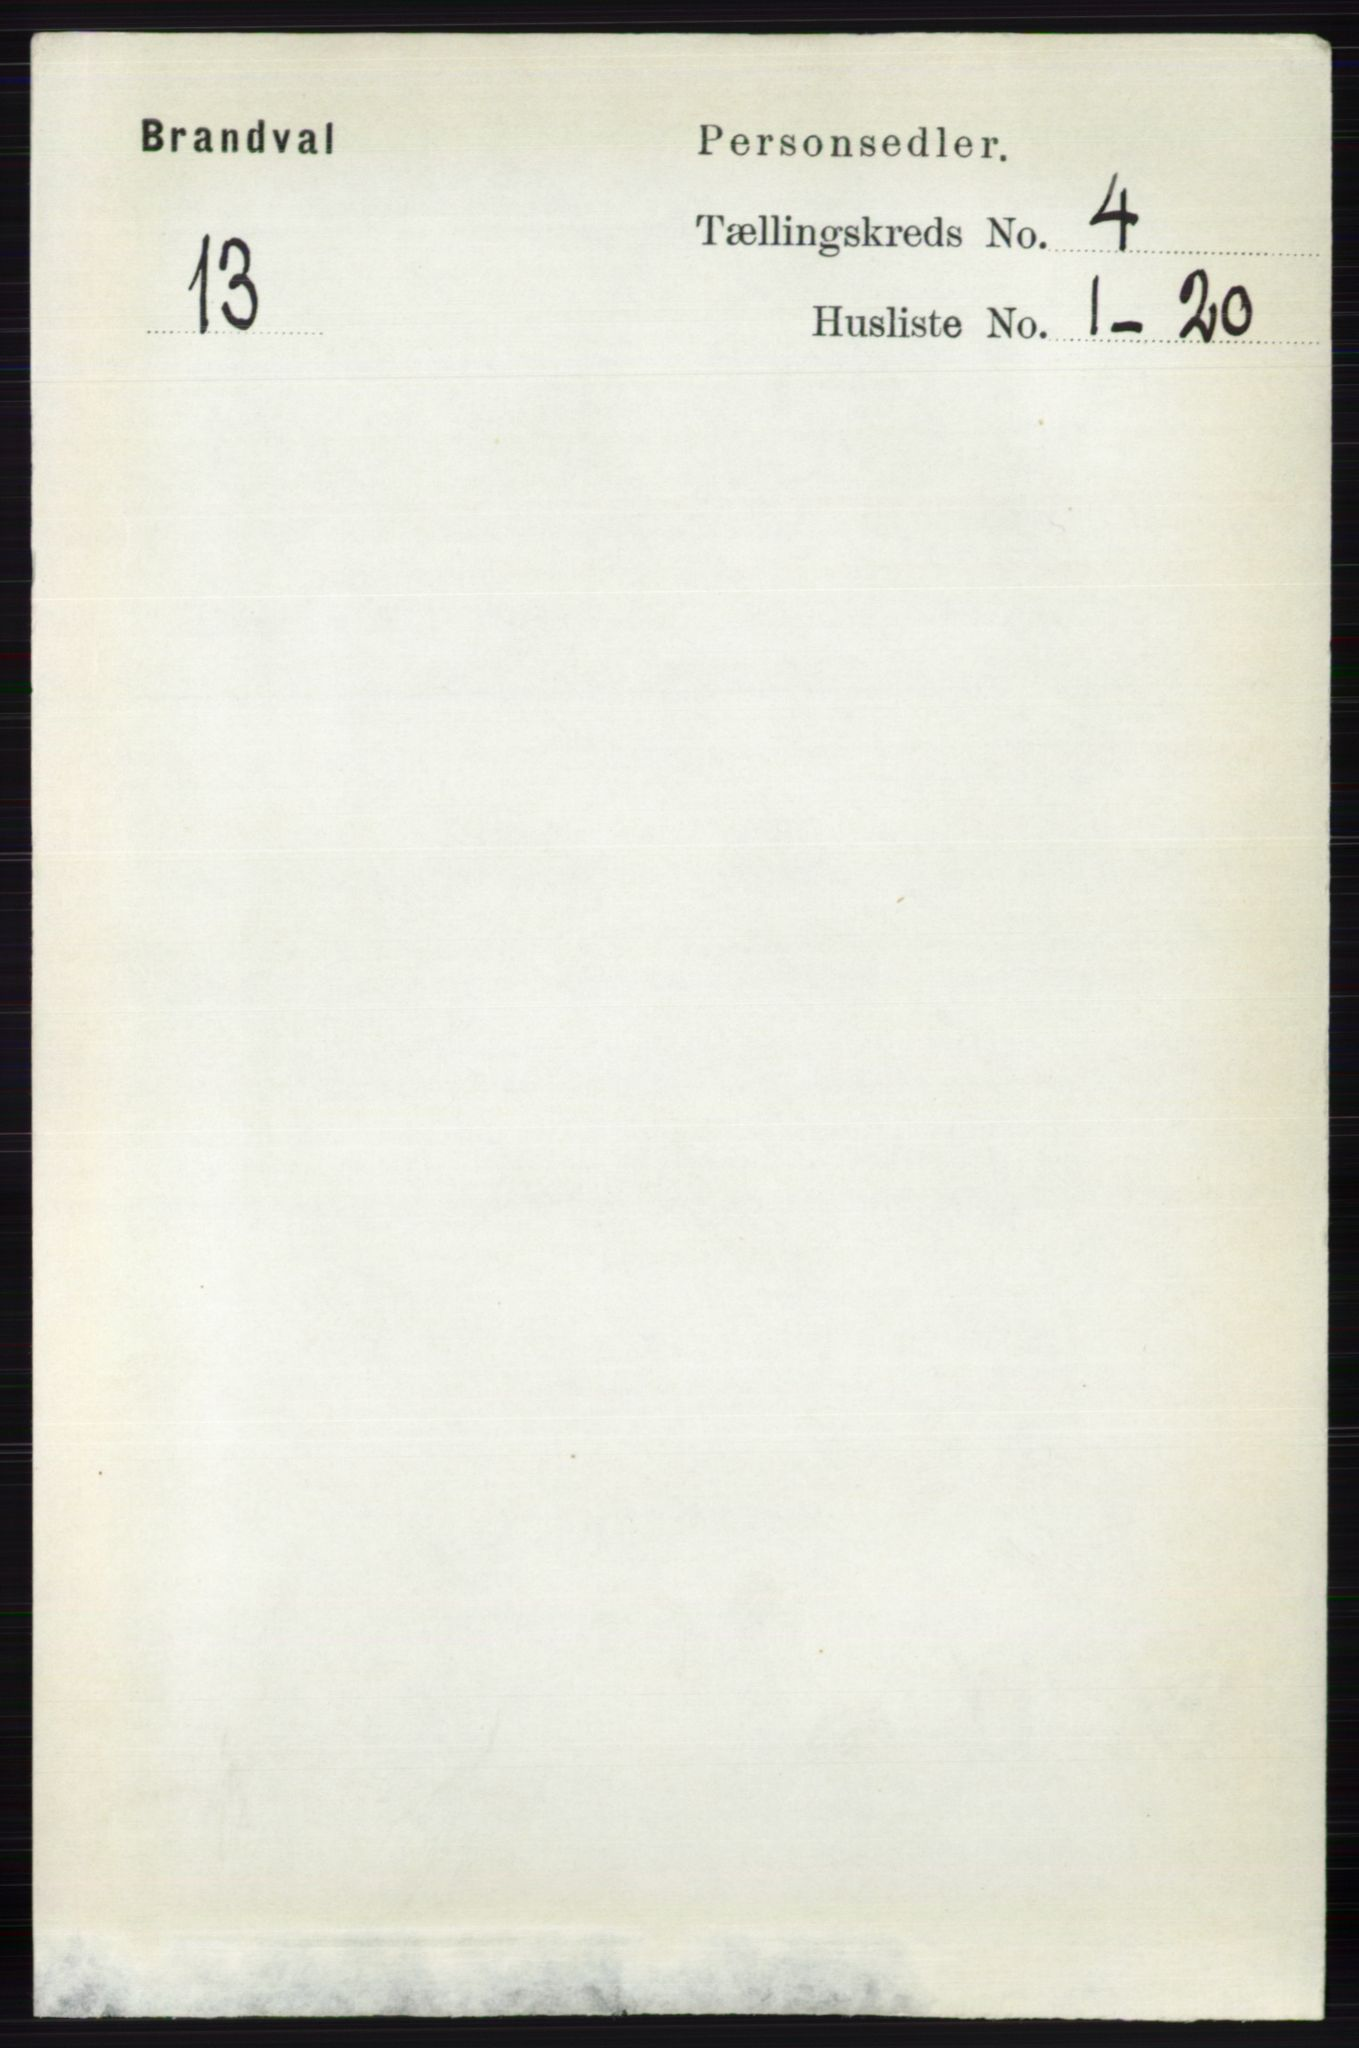 RA, Folketelling 1891 for 0422 Brandval herred, 1891, s. 1709